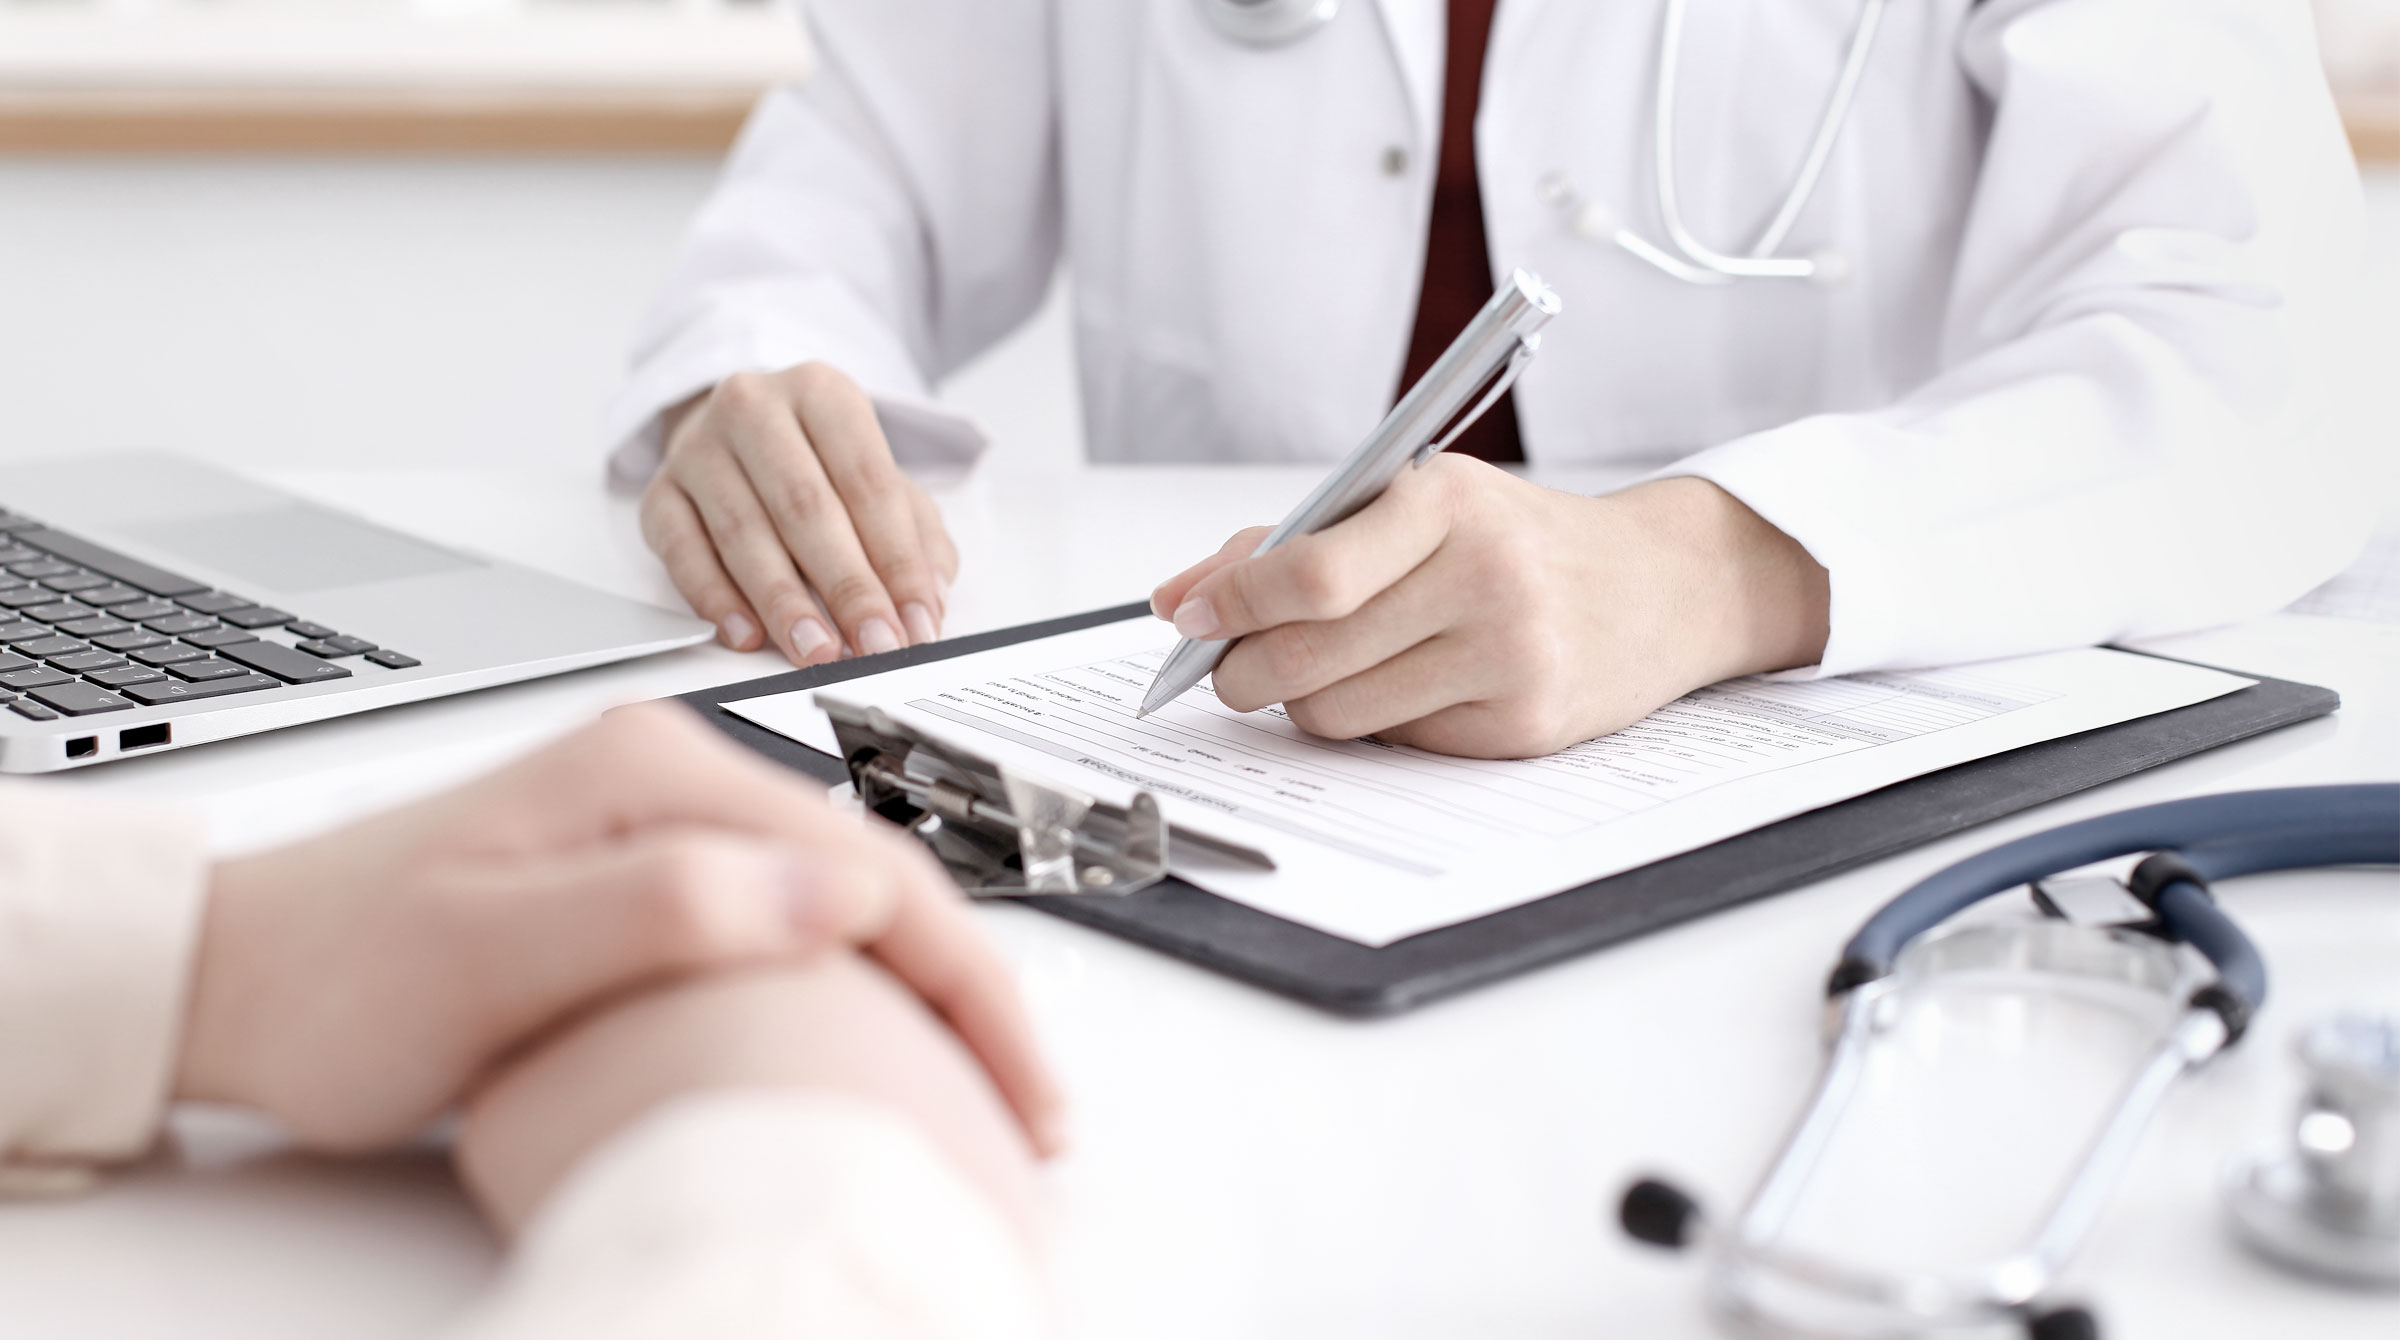 Teaserbild Krankenzusatzversicherung